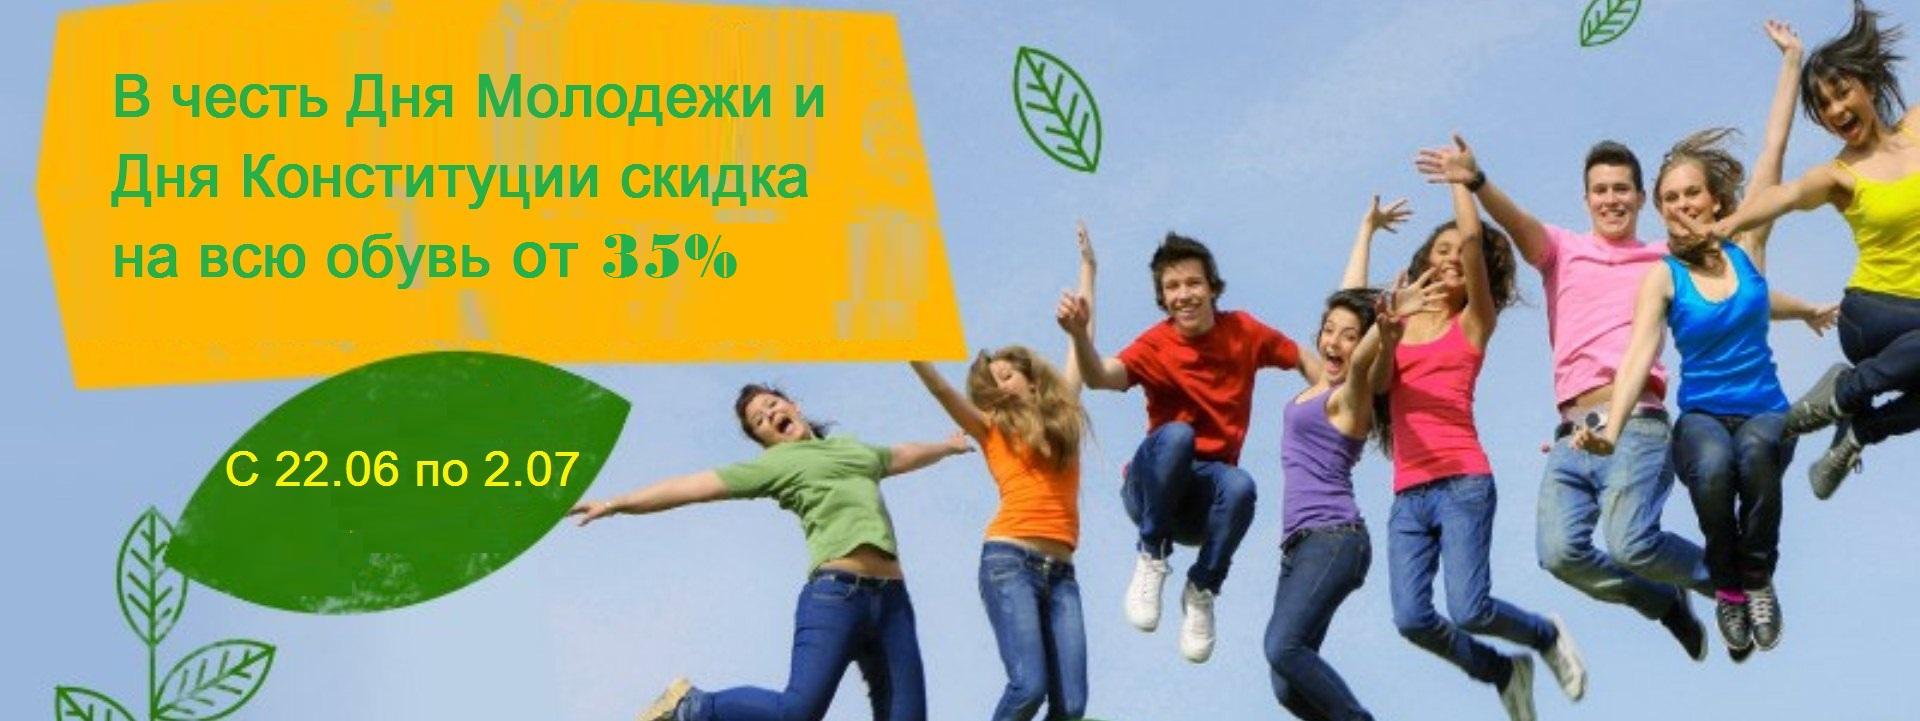 s_dnem_molodezhi